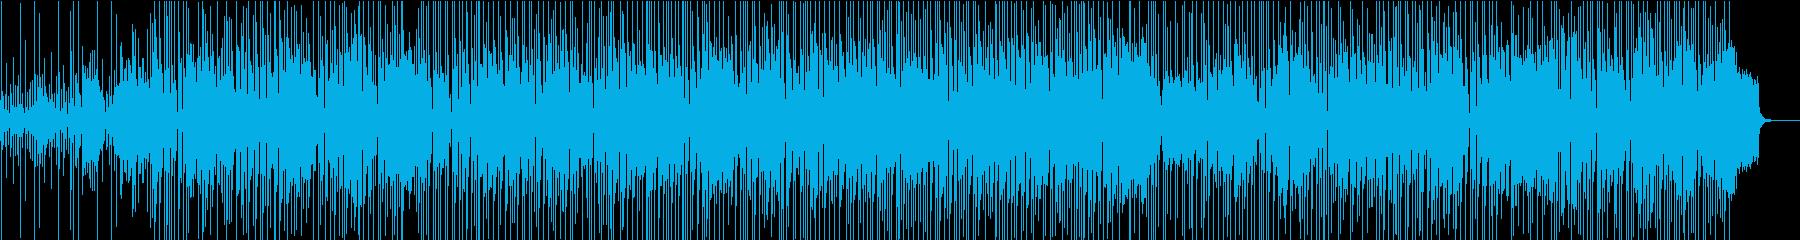 英詞、気ままなライダーのハッピーライフ!の再生済みの波形